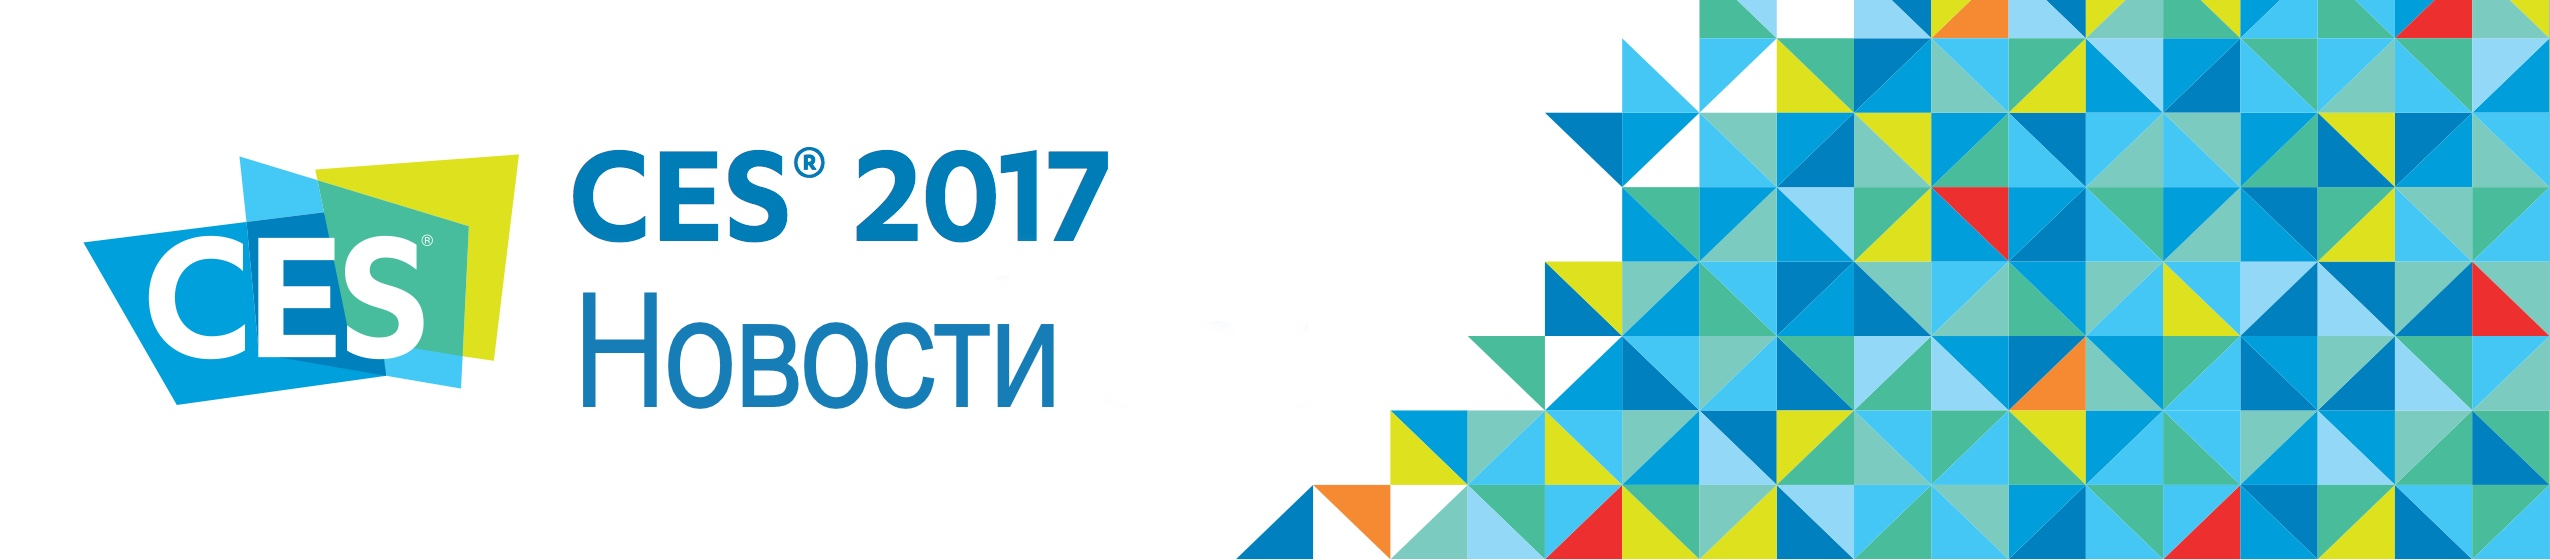 Новости CES 2017